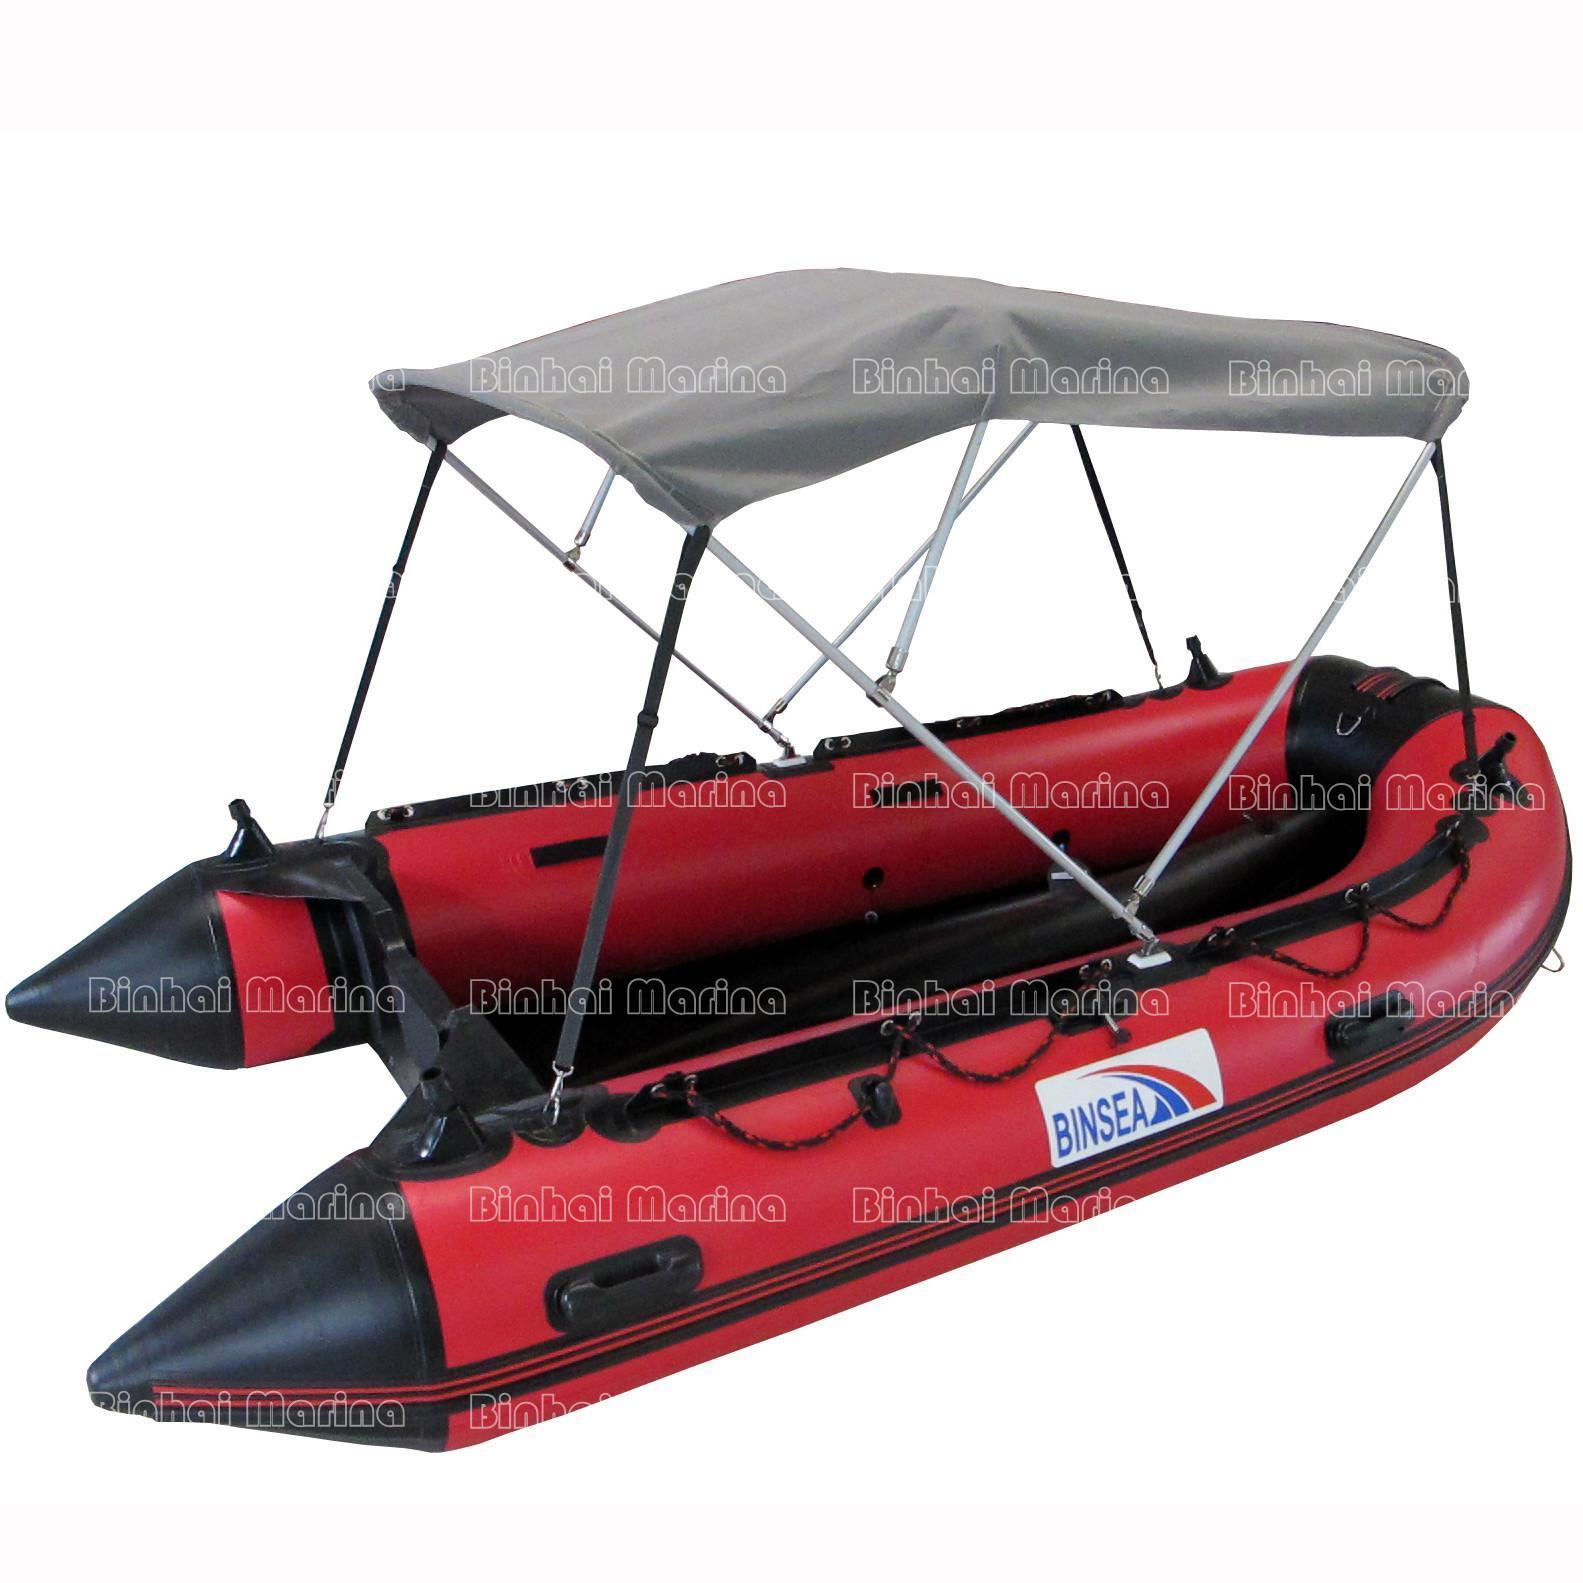 bateau pvc ou bateau de p che gonflable de hypalon bh e450 bateau pvc ou bateau. Black Bedroom Furniture Sets. Home Design Ideas